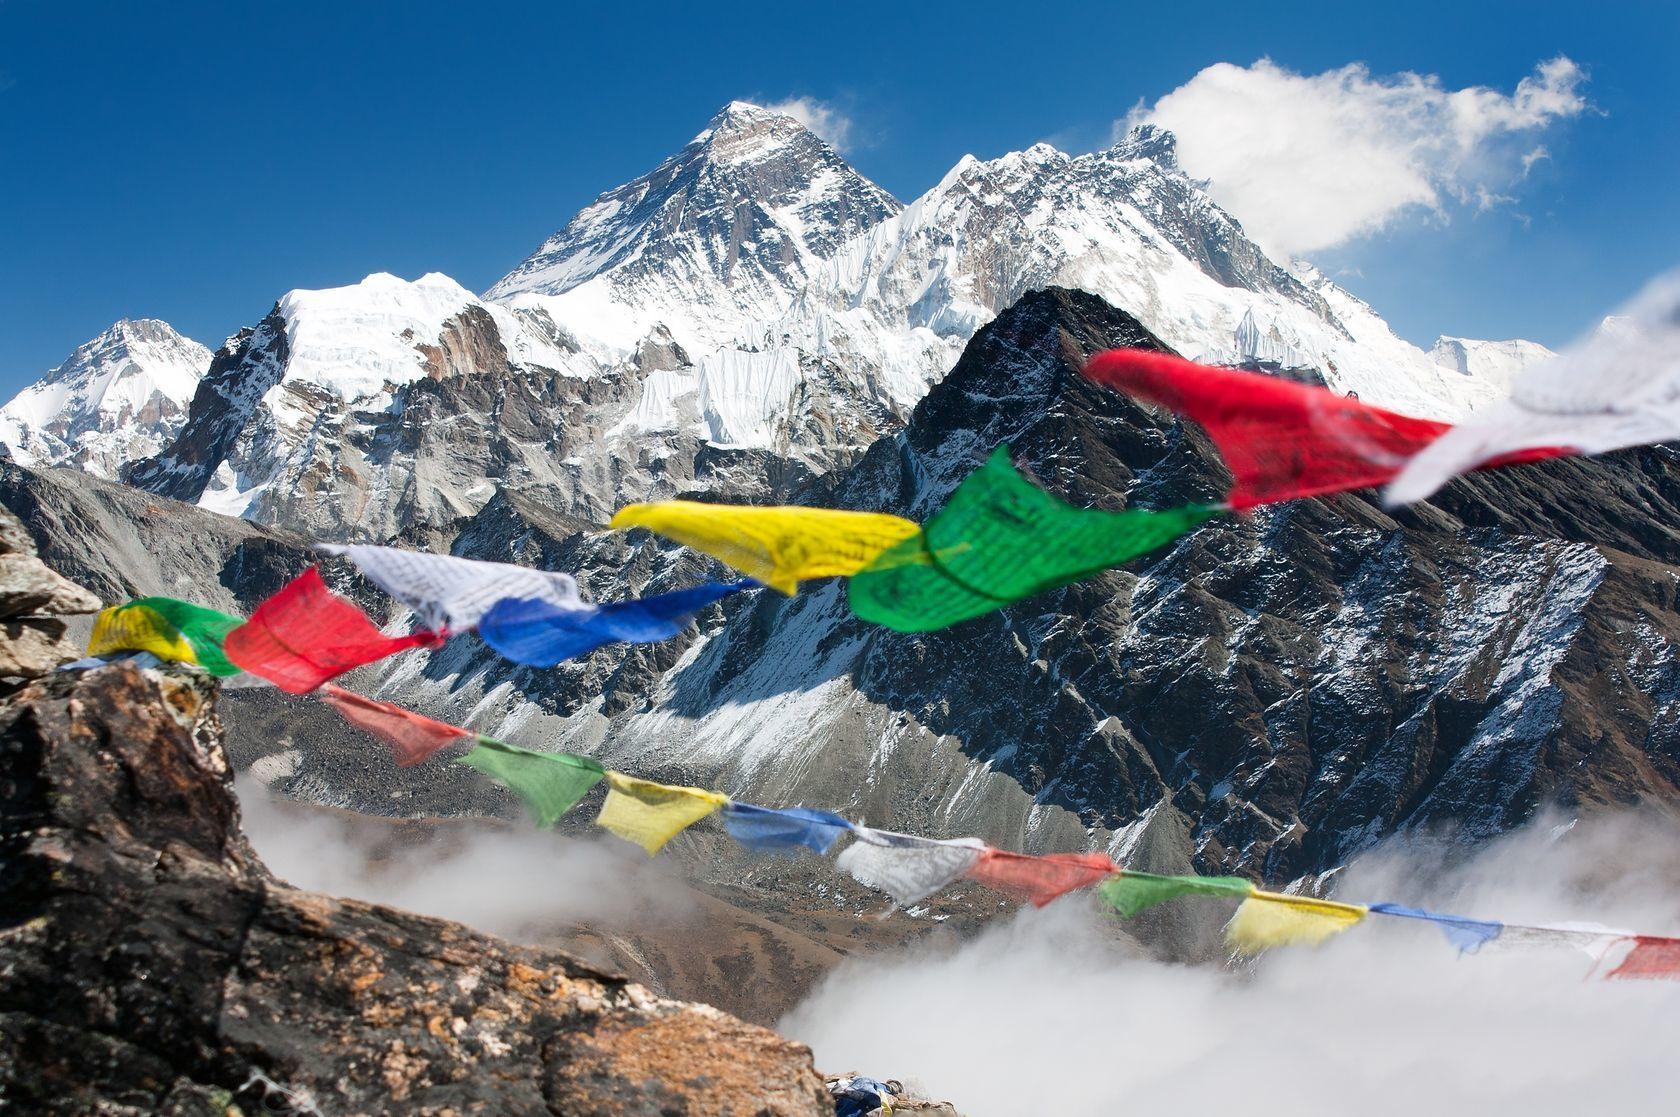 Modlitební praporky v Nepálu | prudek/123RF.com